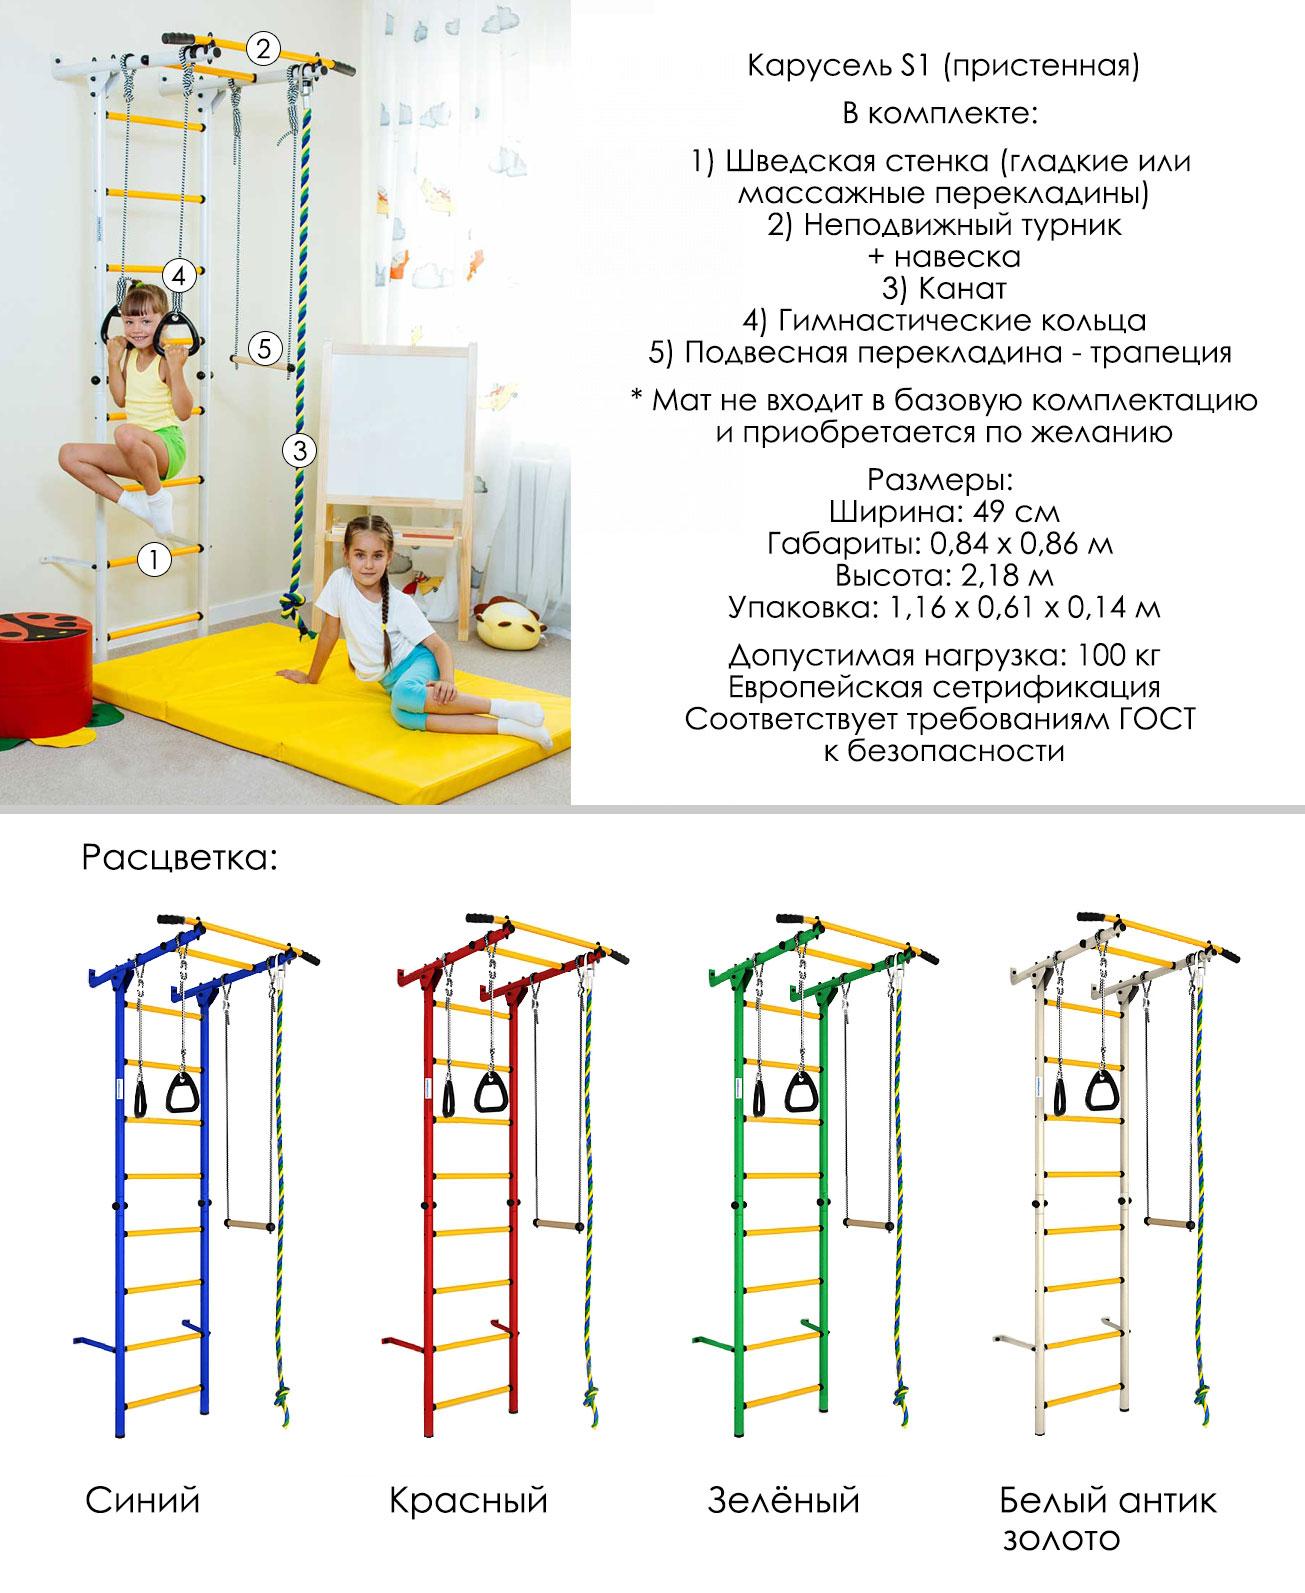 Детская шведская стенка Карусель s1 улучшенная модель для занятий гимнастикой с ребенком дома металлическая, крепление к стене, гарантия купить